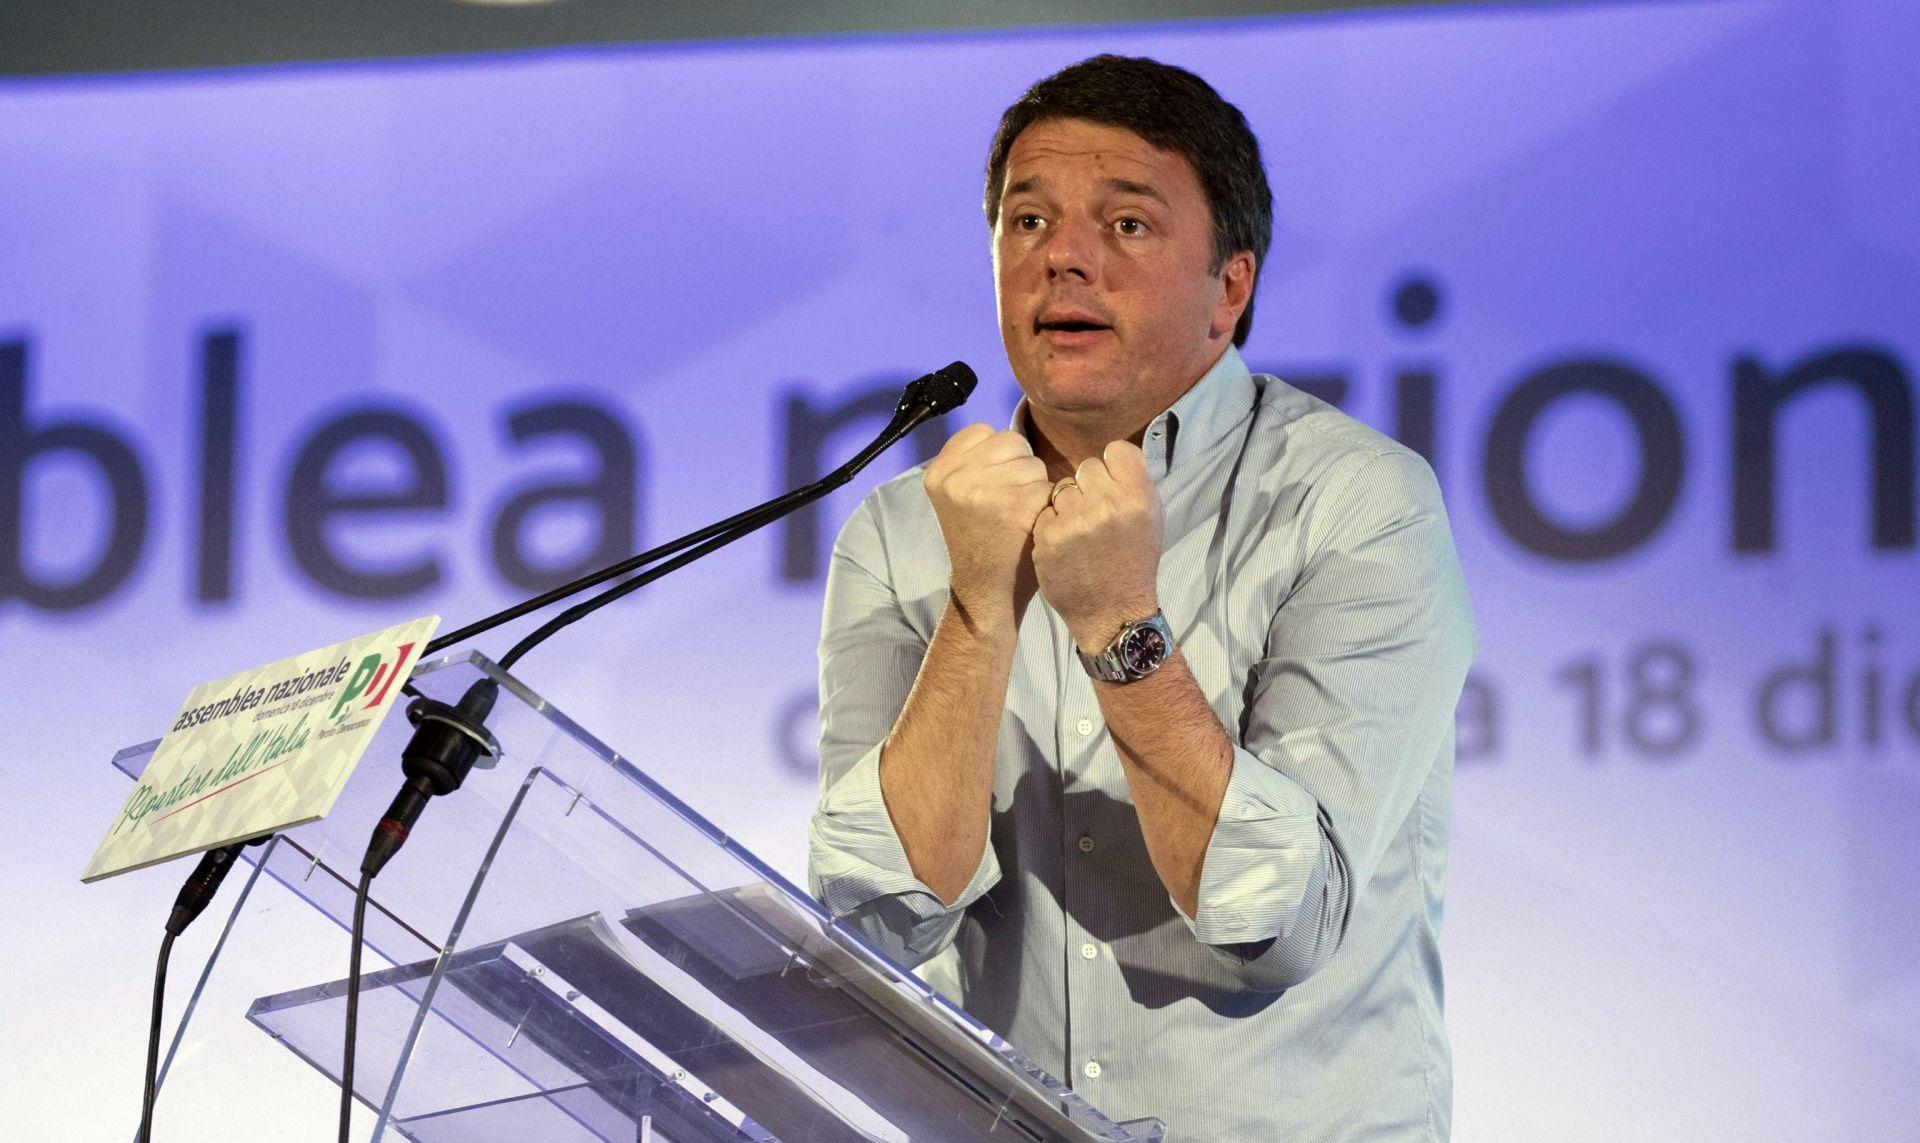 Matteo Renzi dao ostavku na dužnost predsjednika stranke i nada se povratku